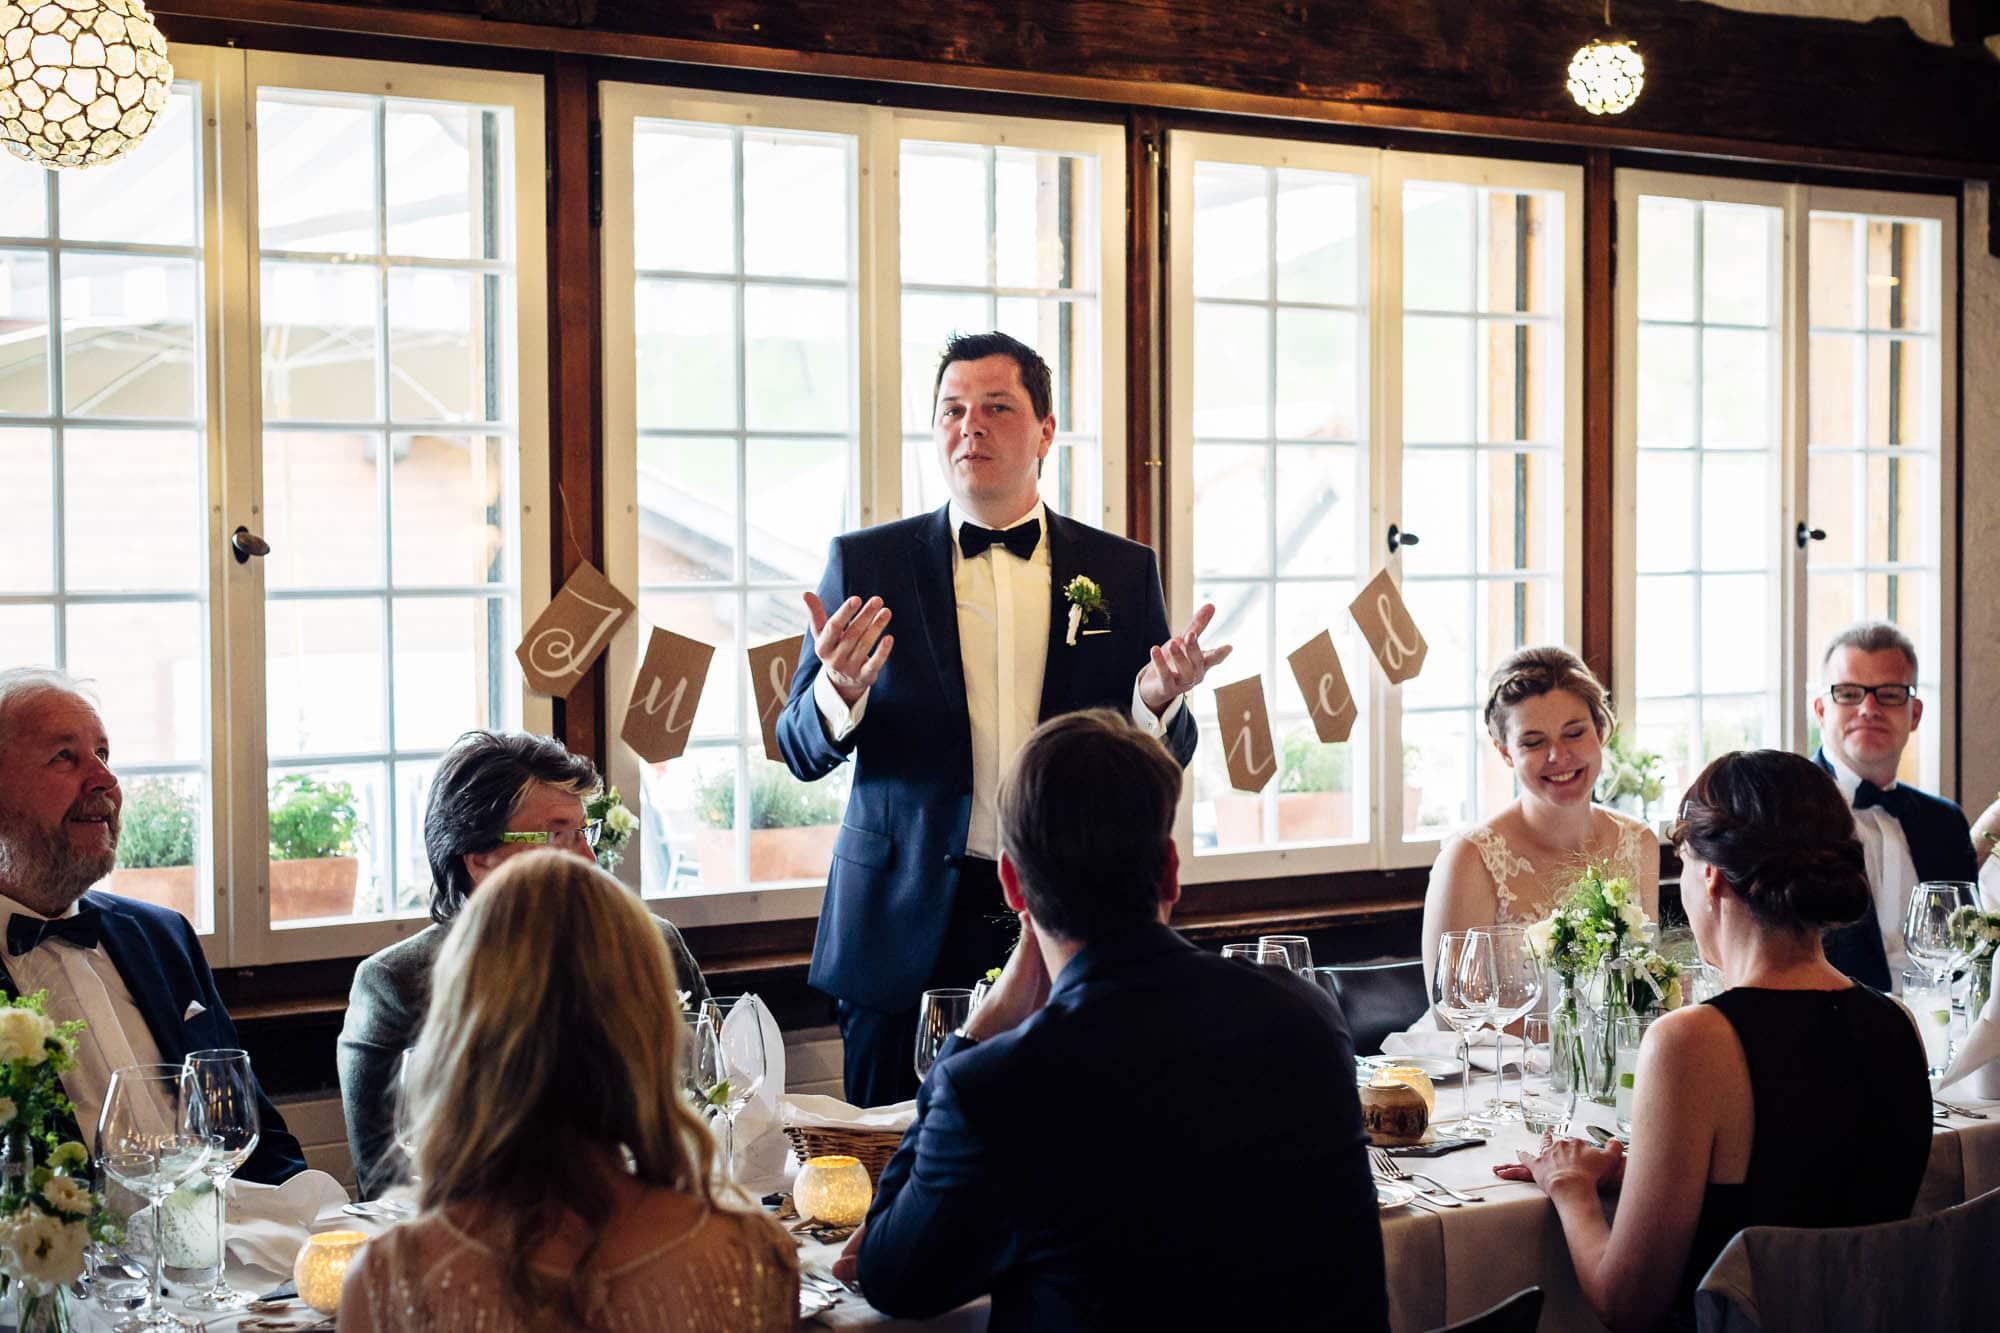 Ansprache durch Bräutigam, Gäste lachen